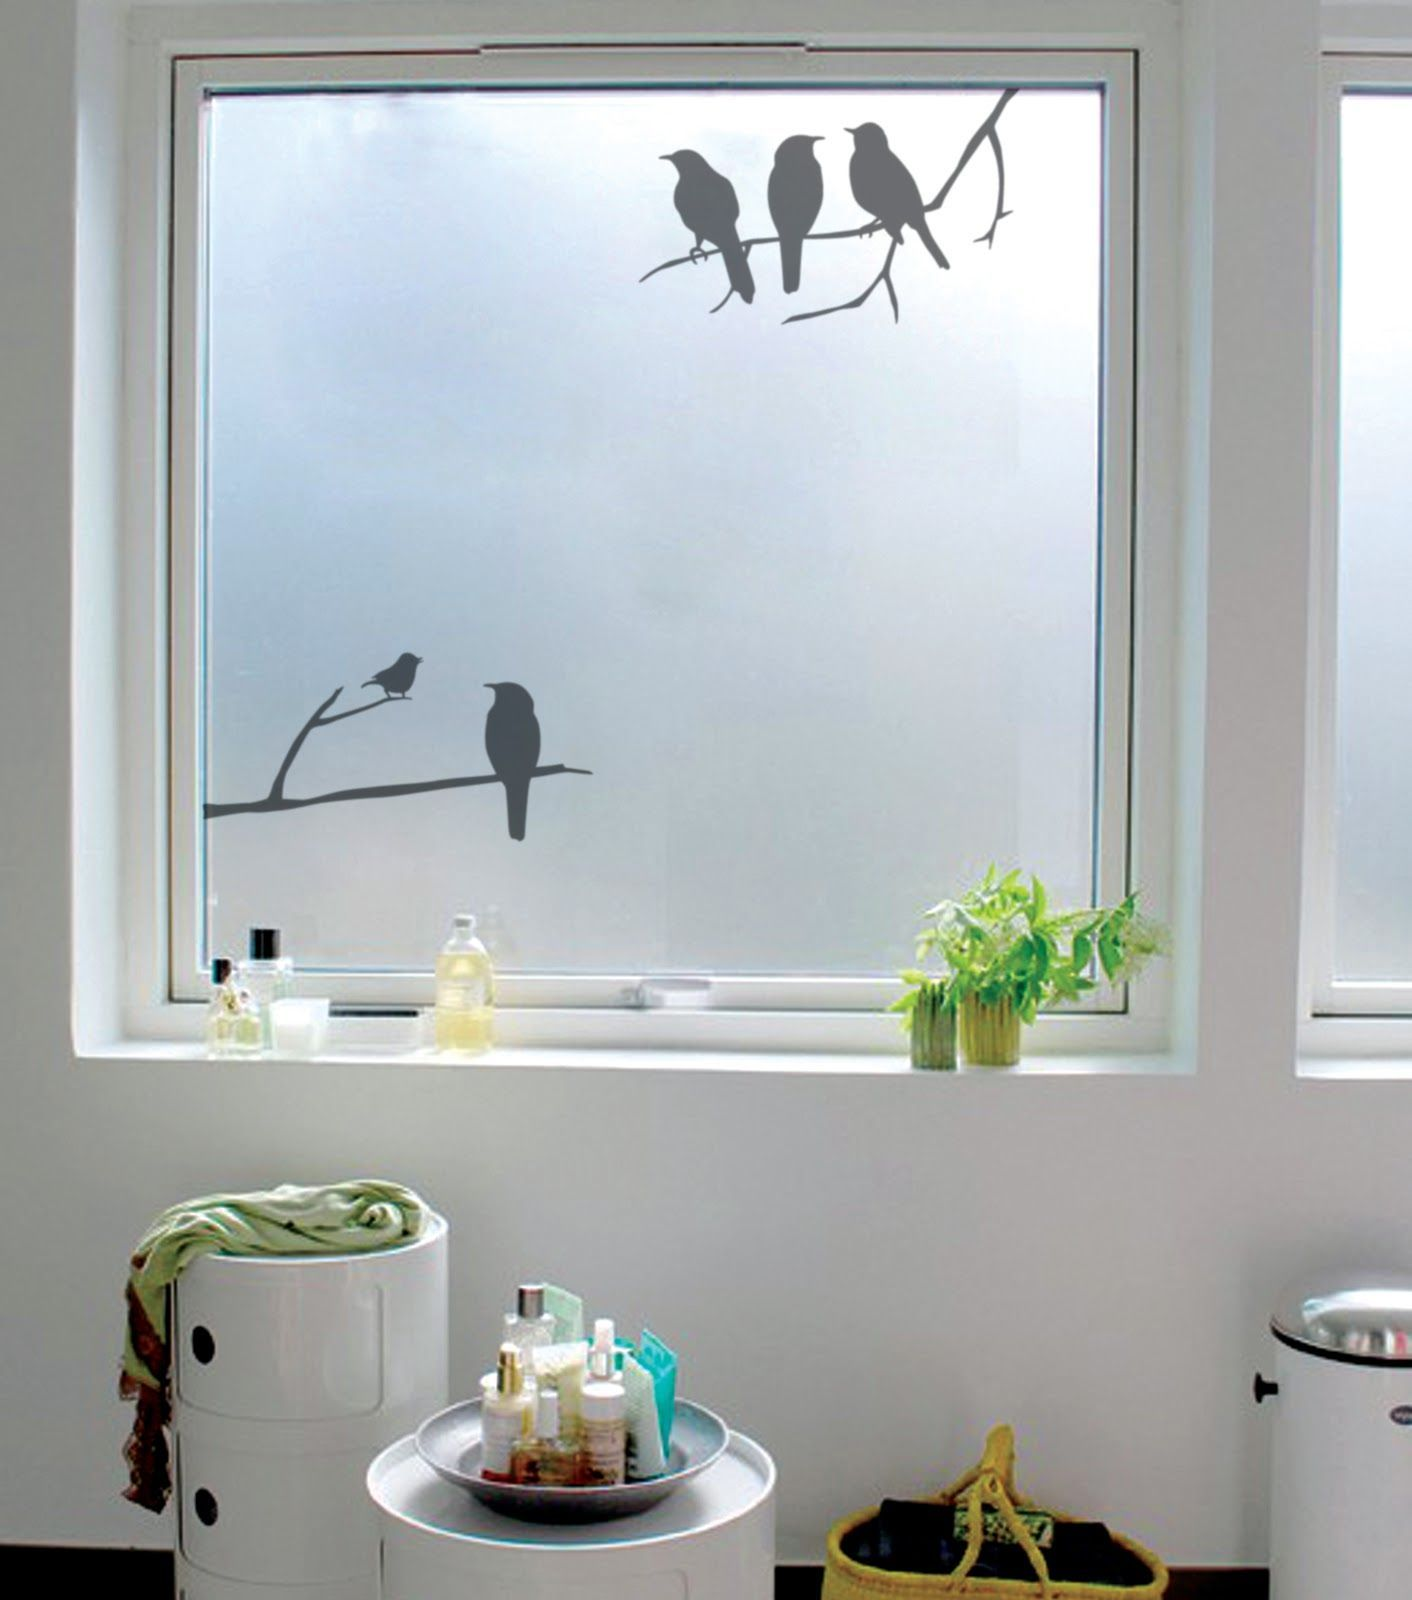 Vinilos o cristales decorativos para ventanas vinilos for Precios vinilos decorativos